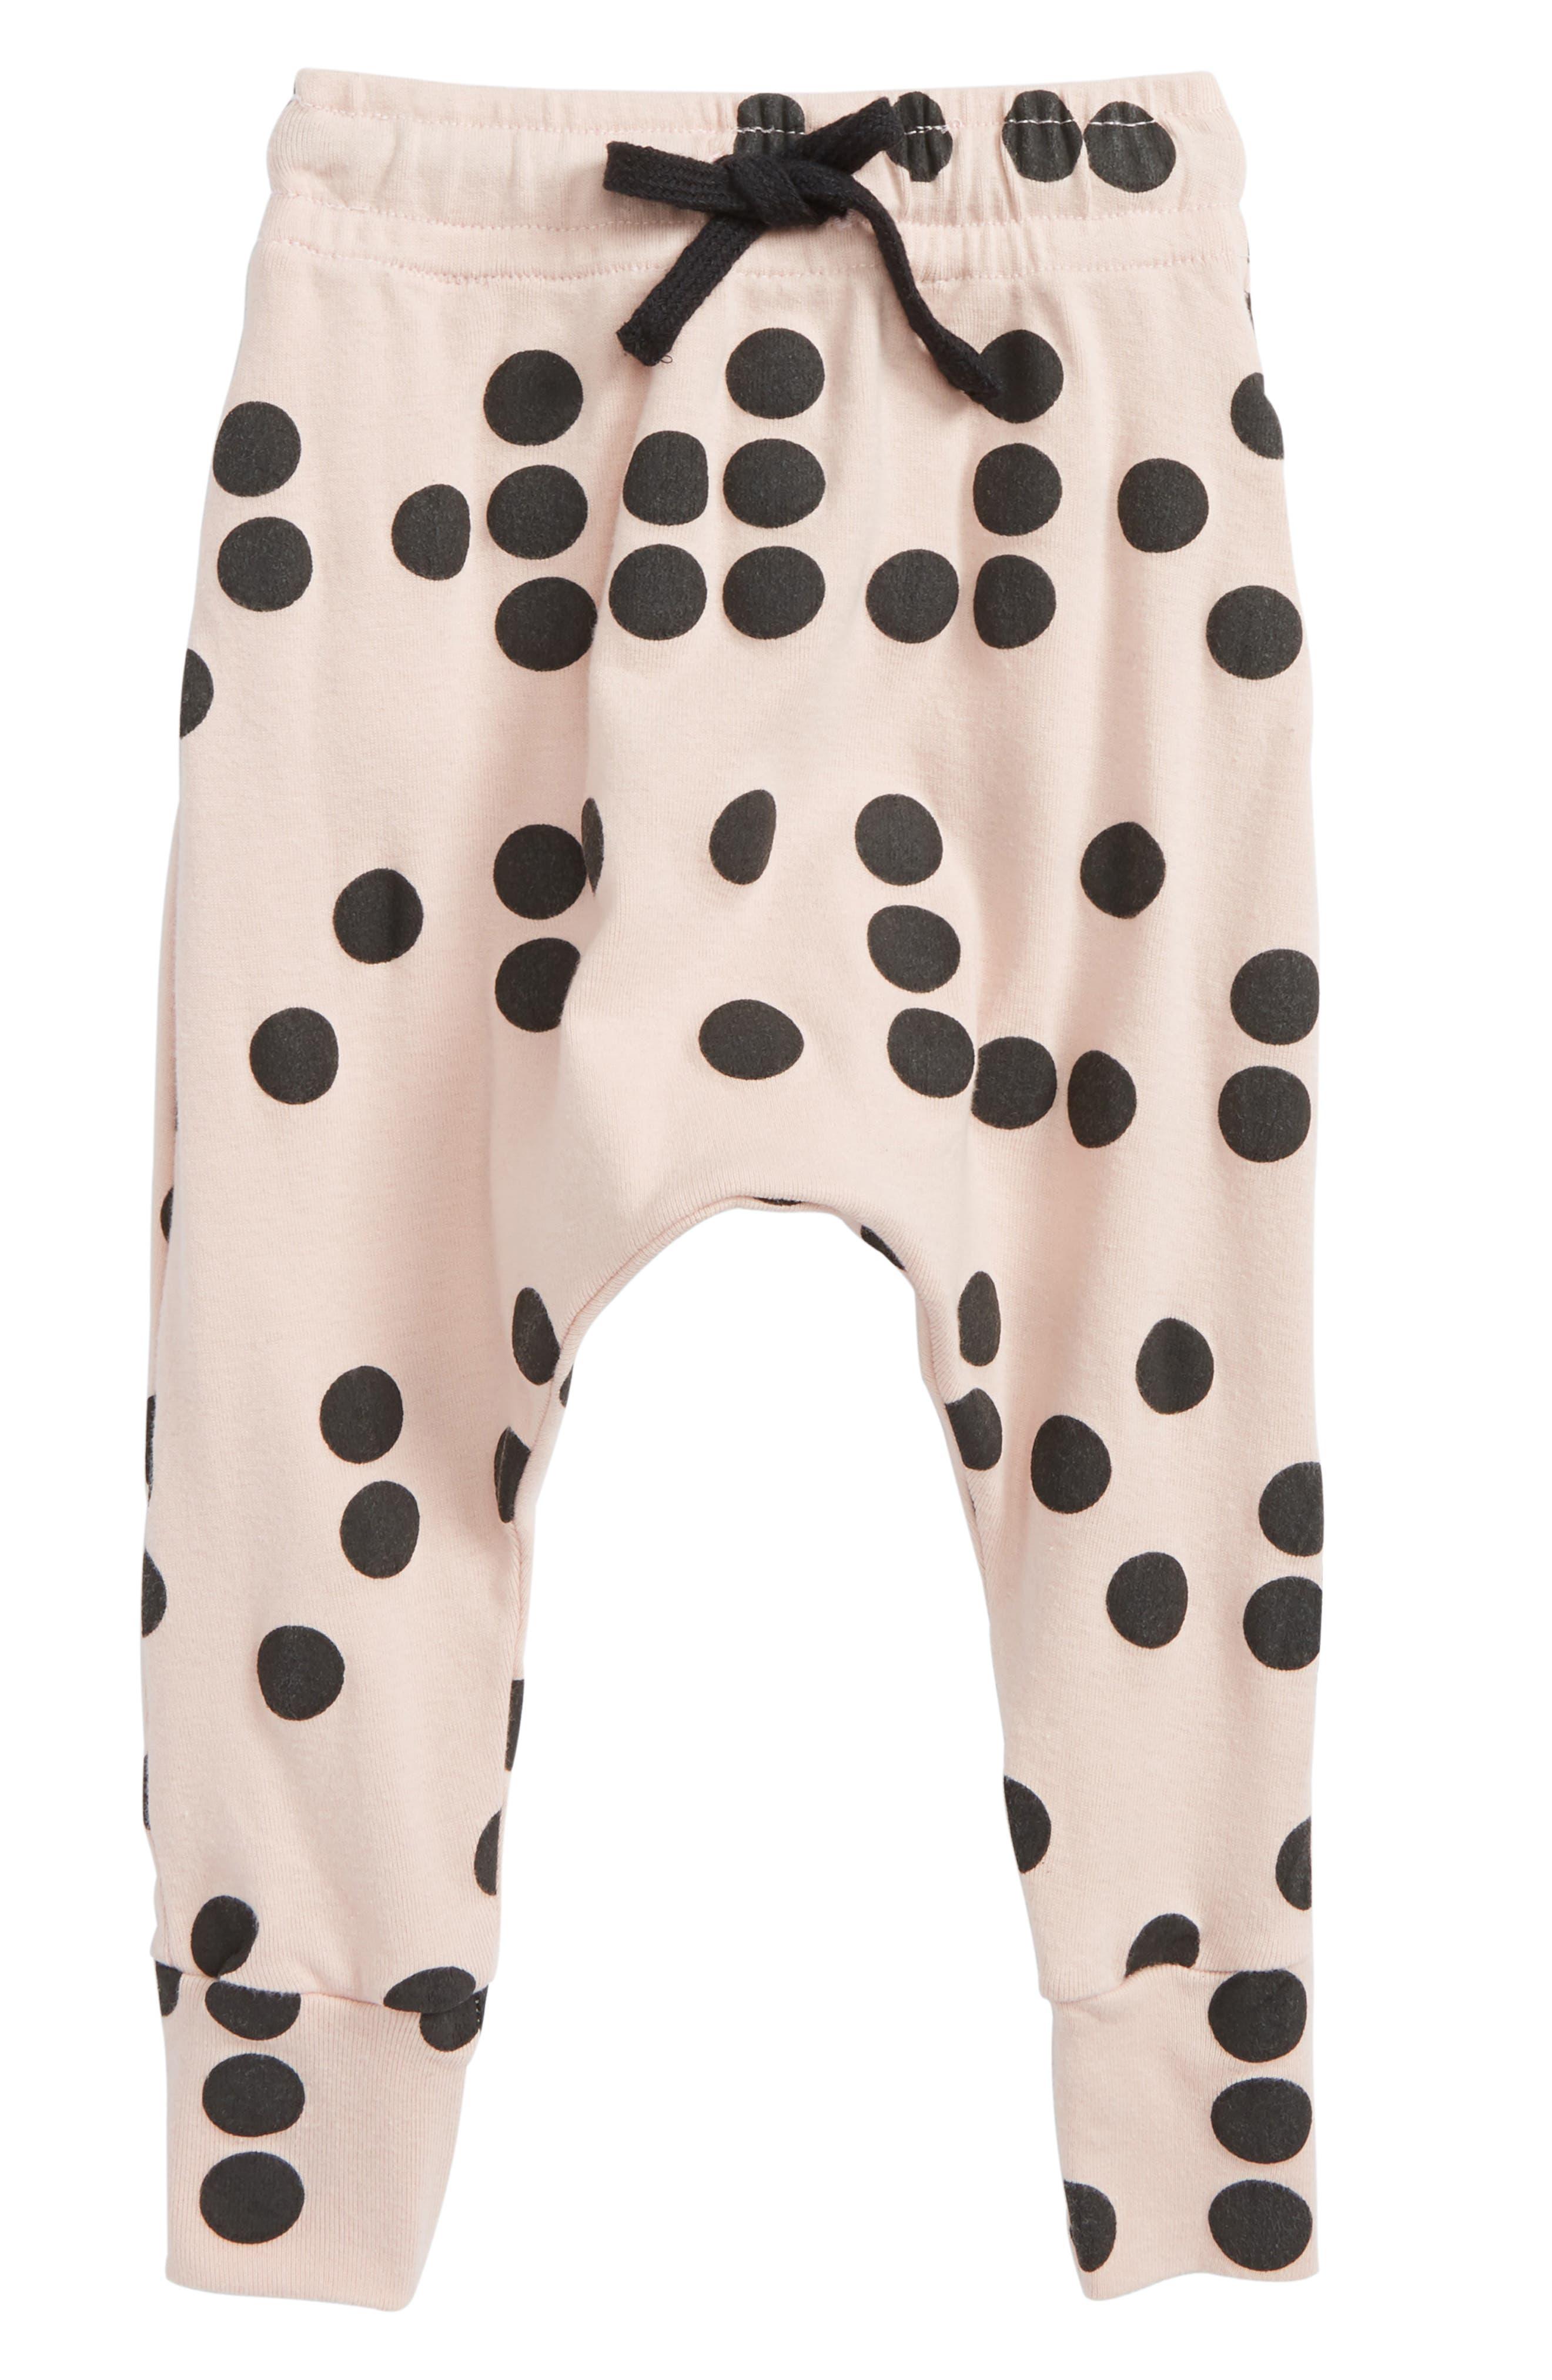 Braille Baggy Pants,                             Main thumbnail 1, color,                             680